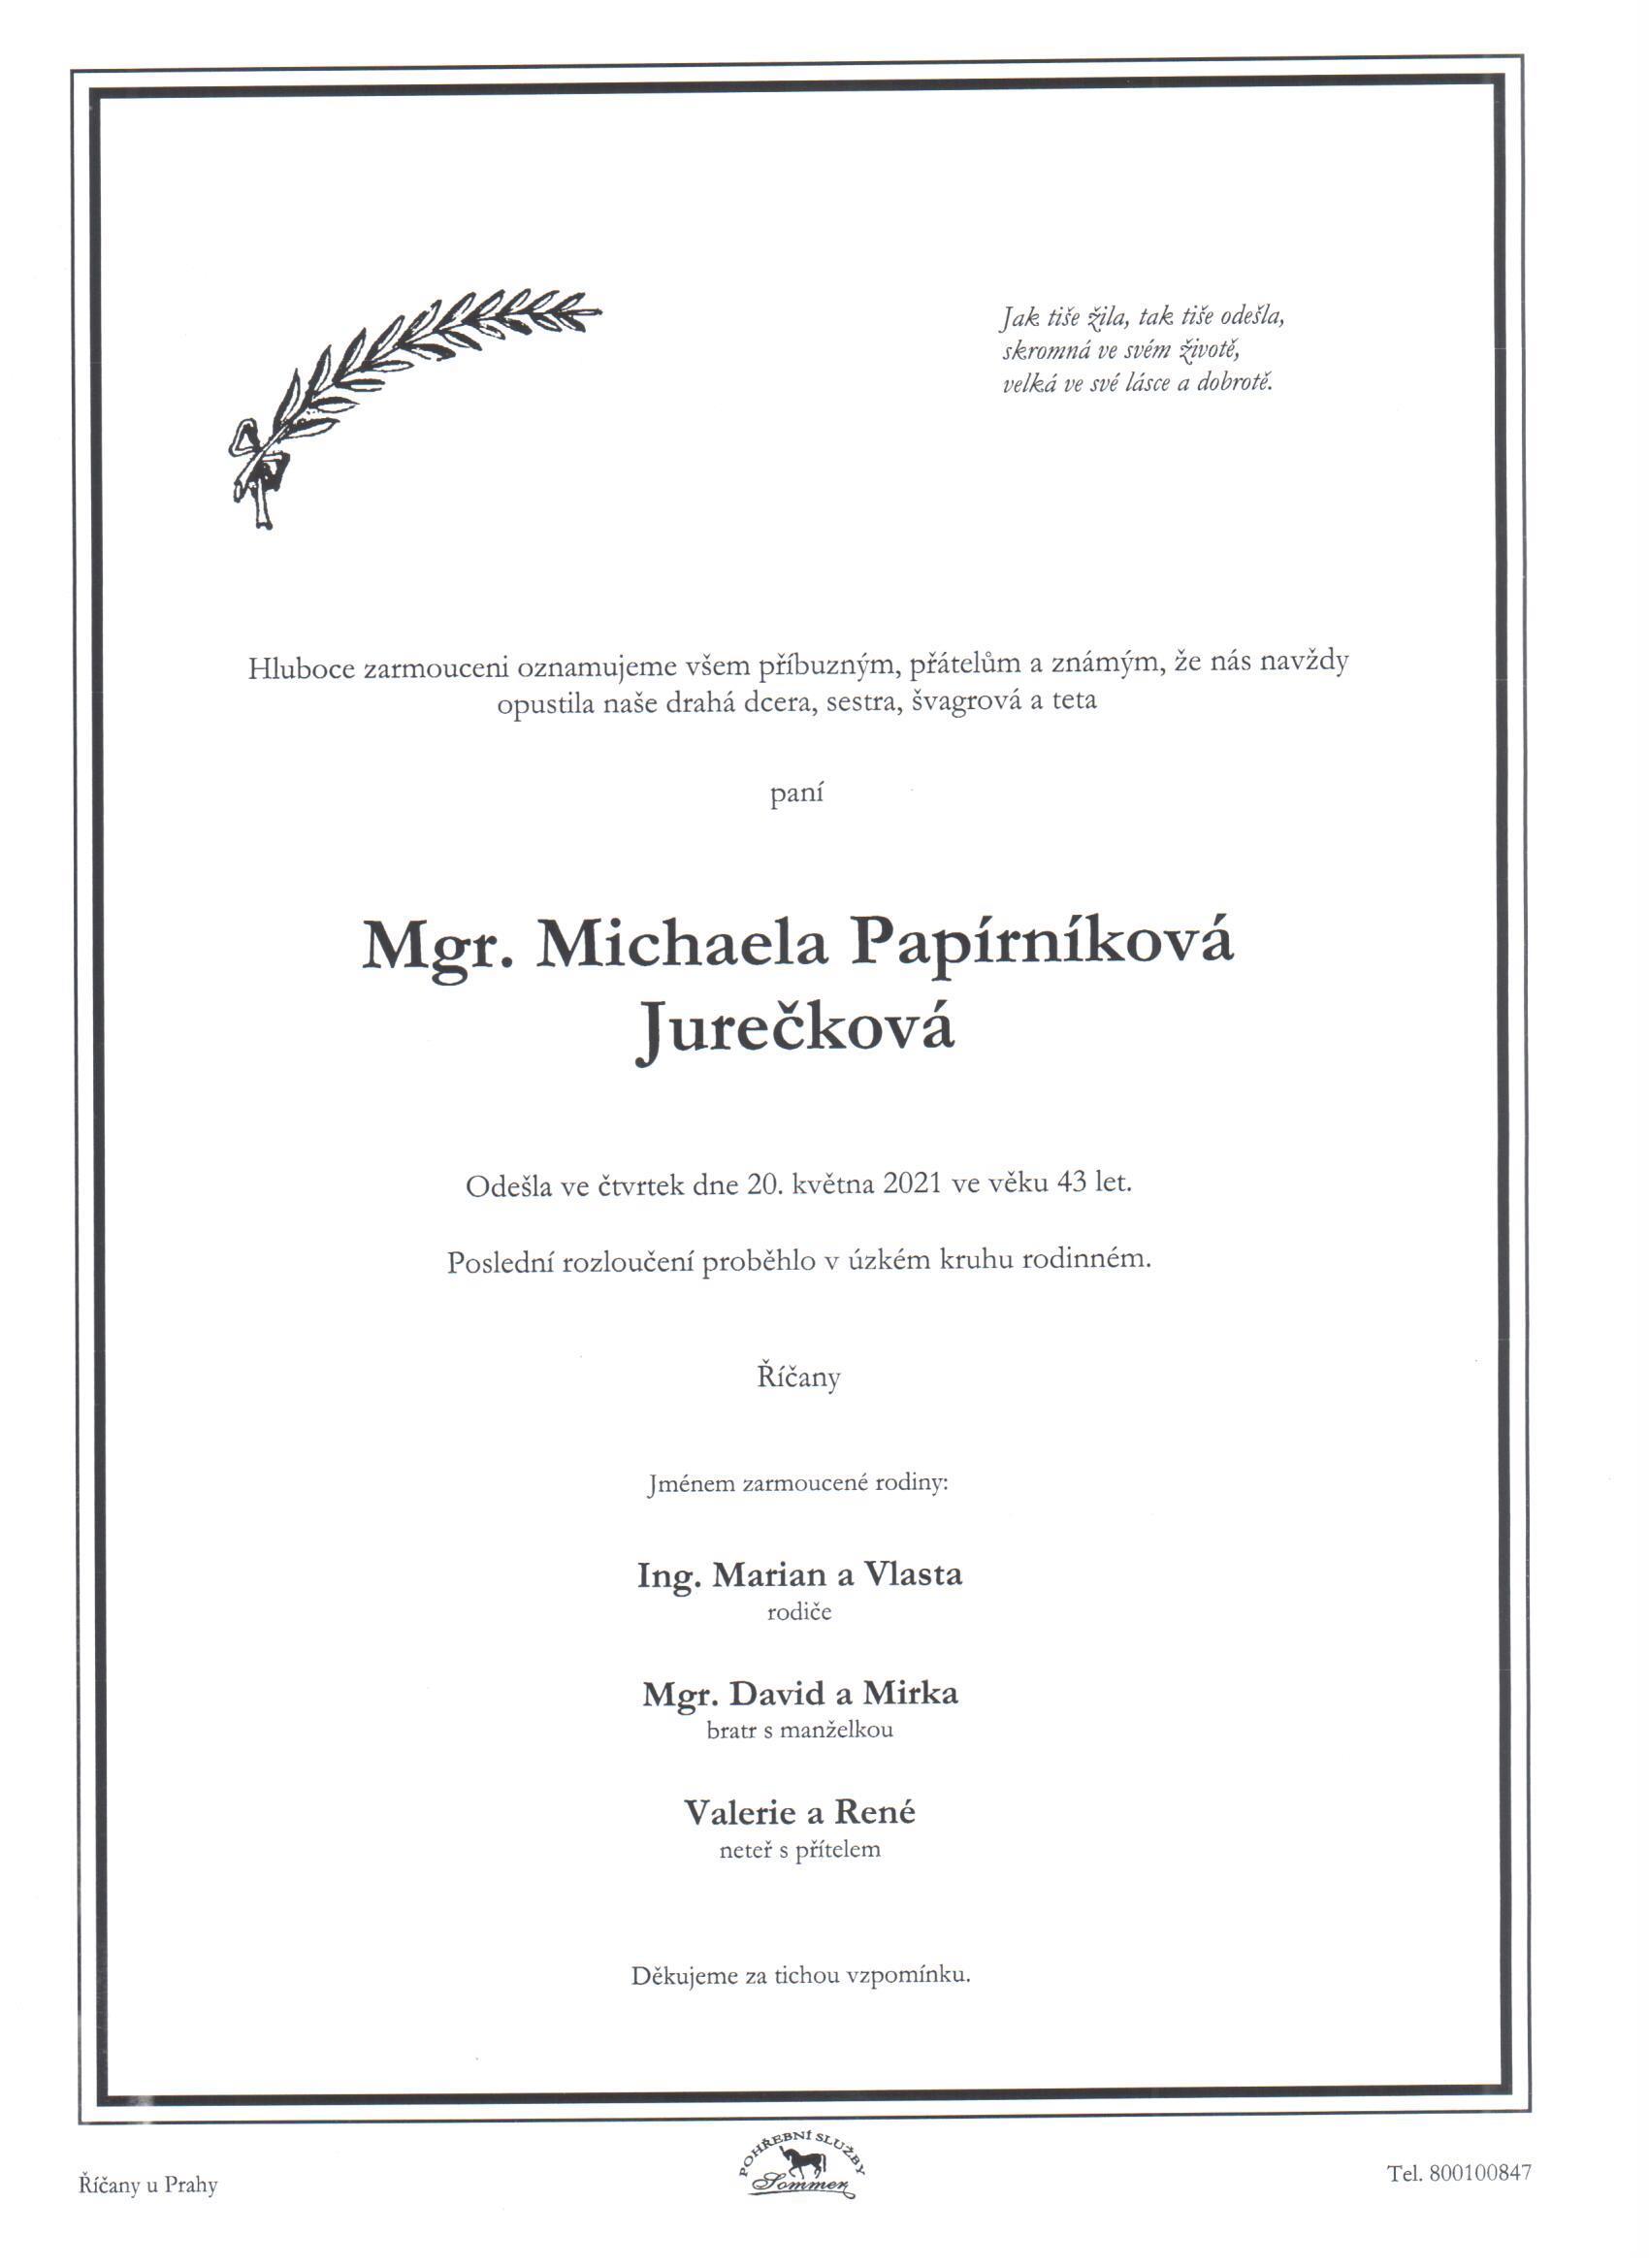 Mgr. Michaela Papírníková